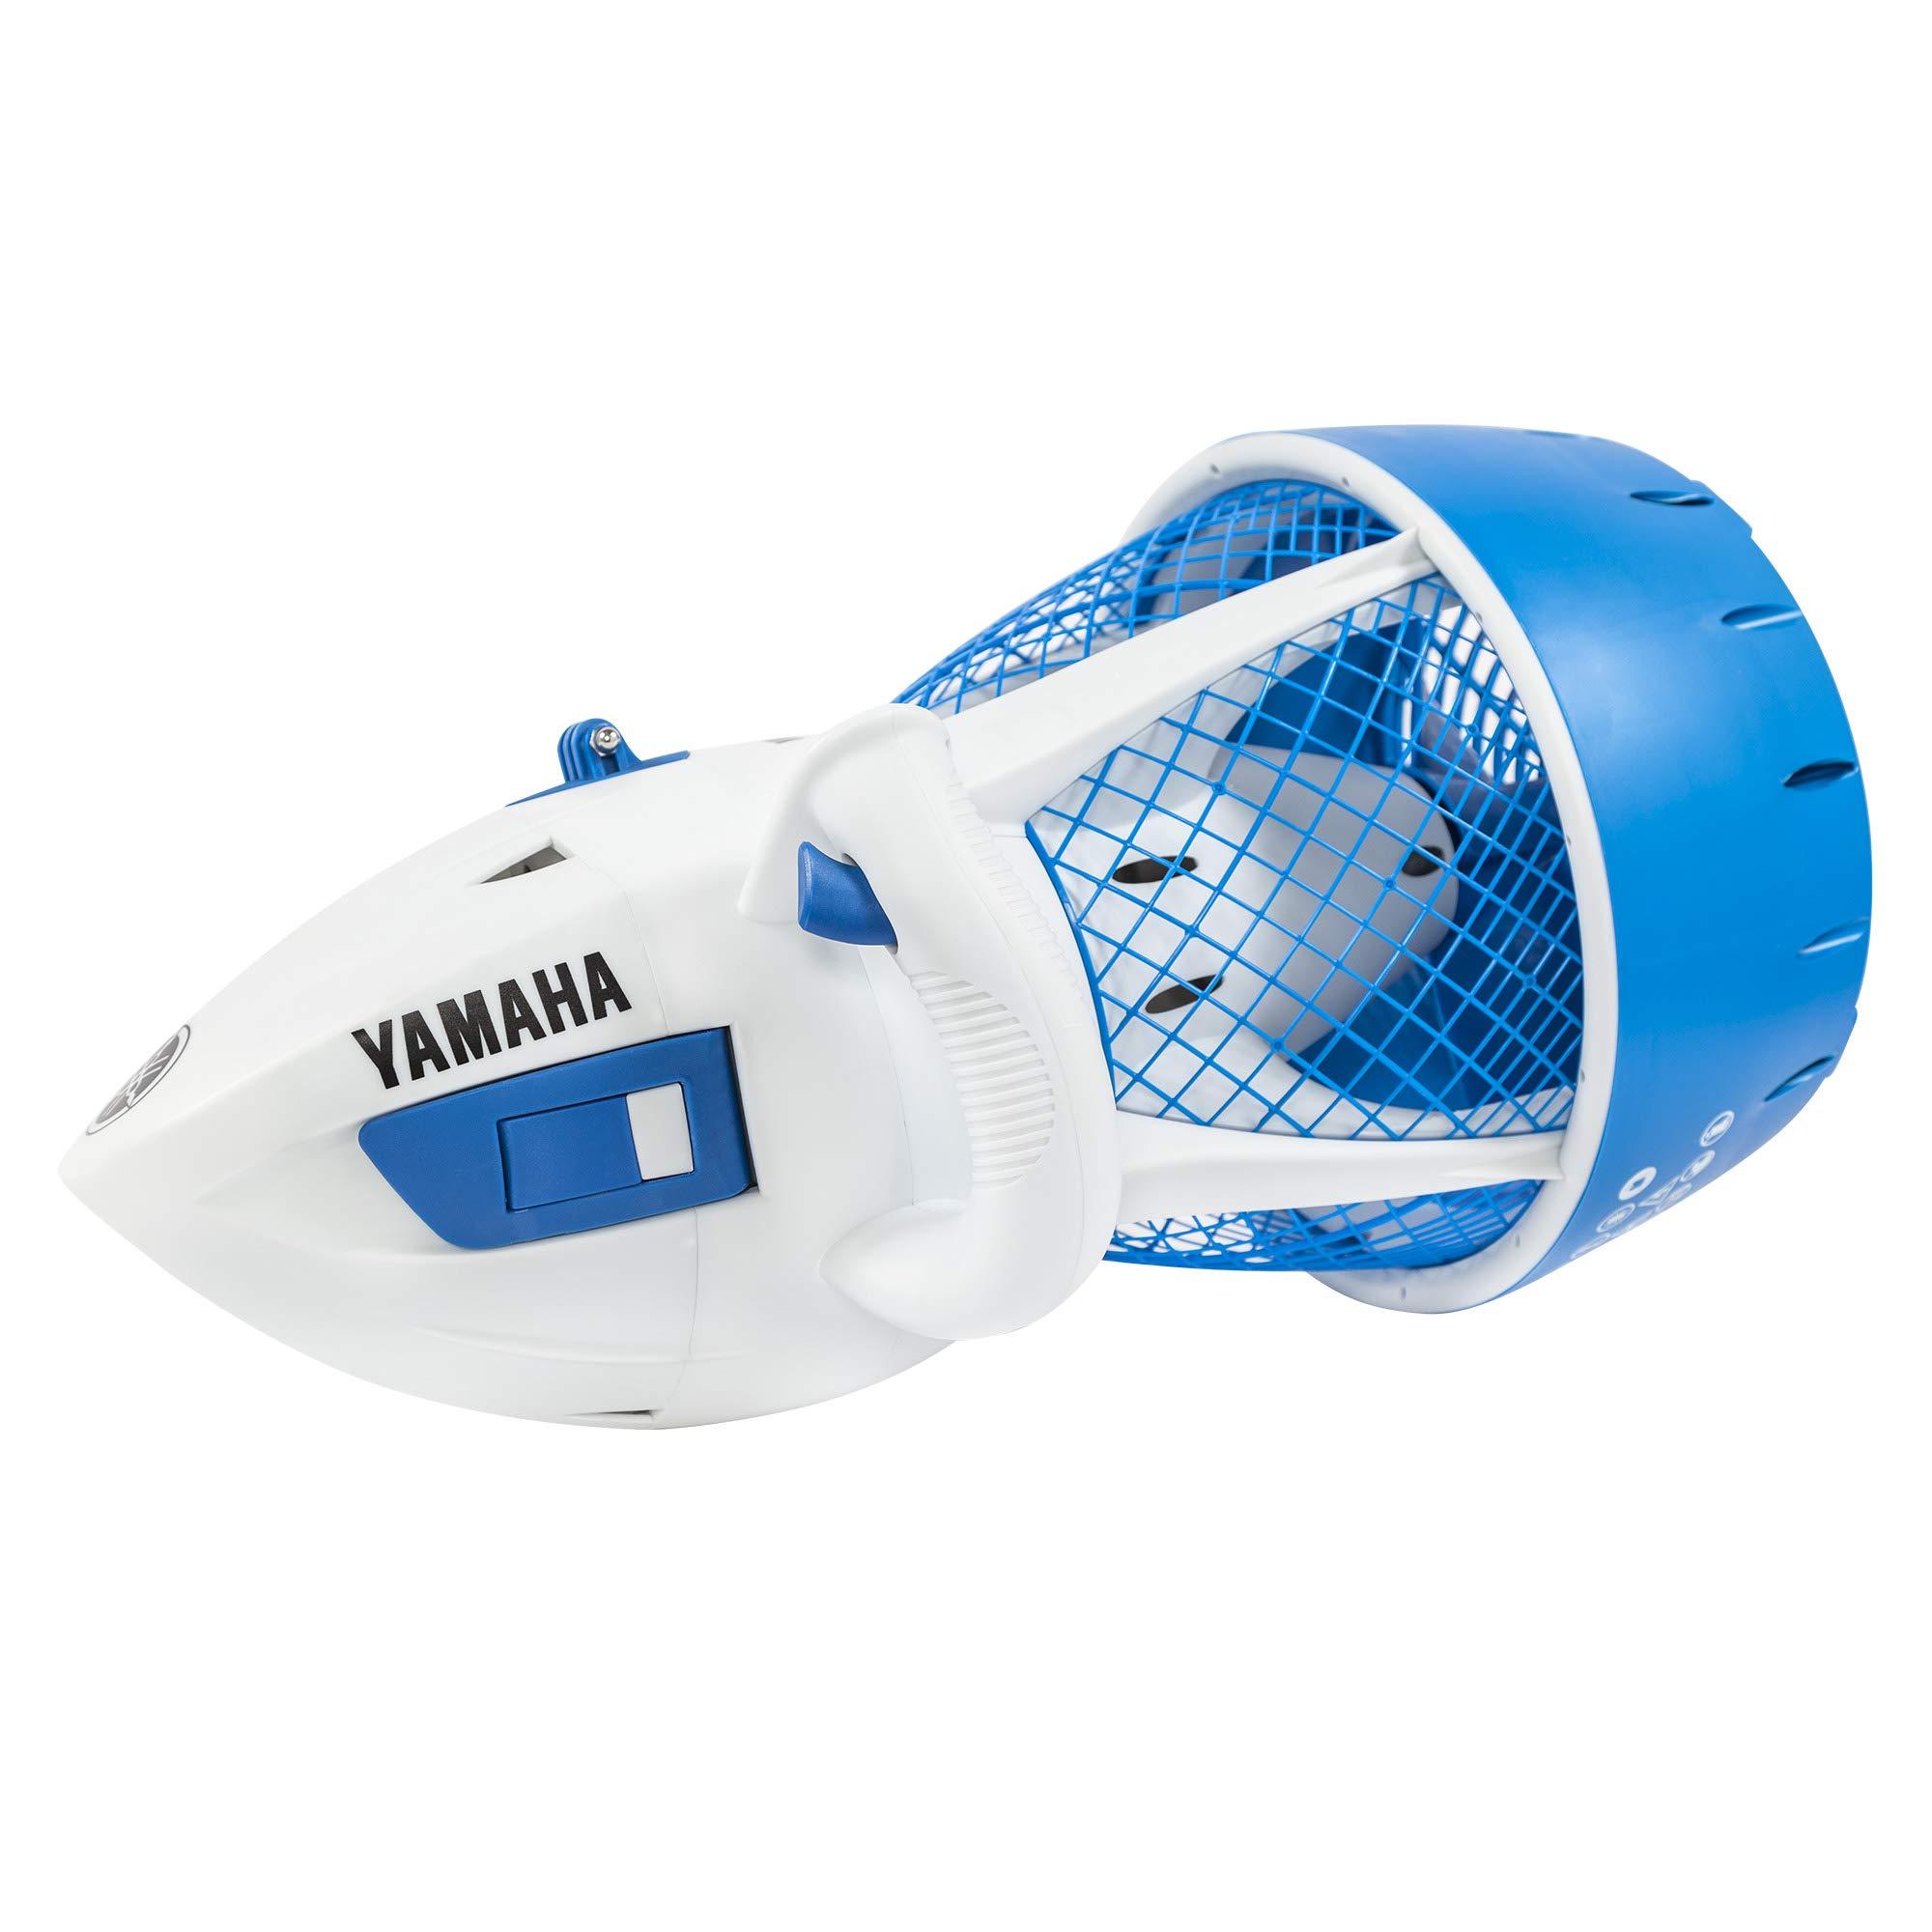 Yamaha Explorer Seascooter with Camera Mount